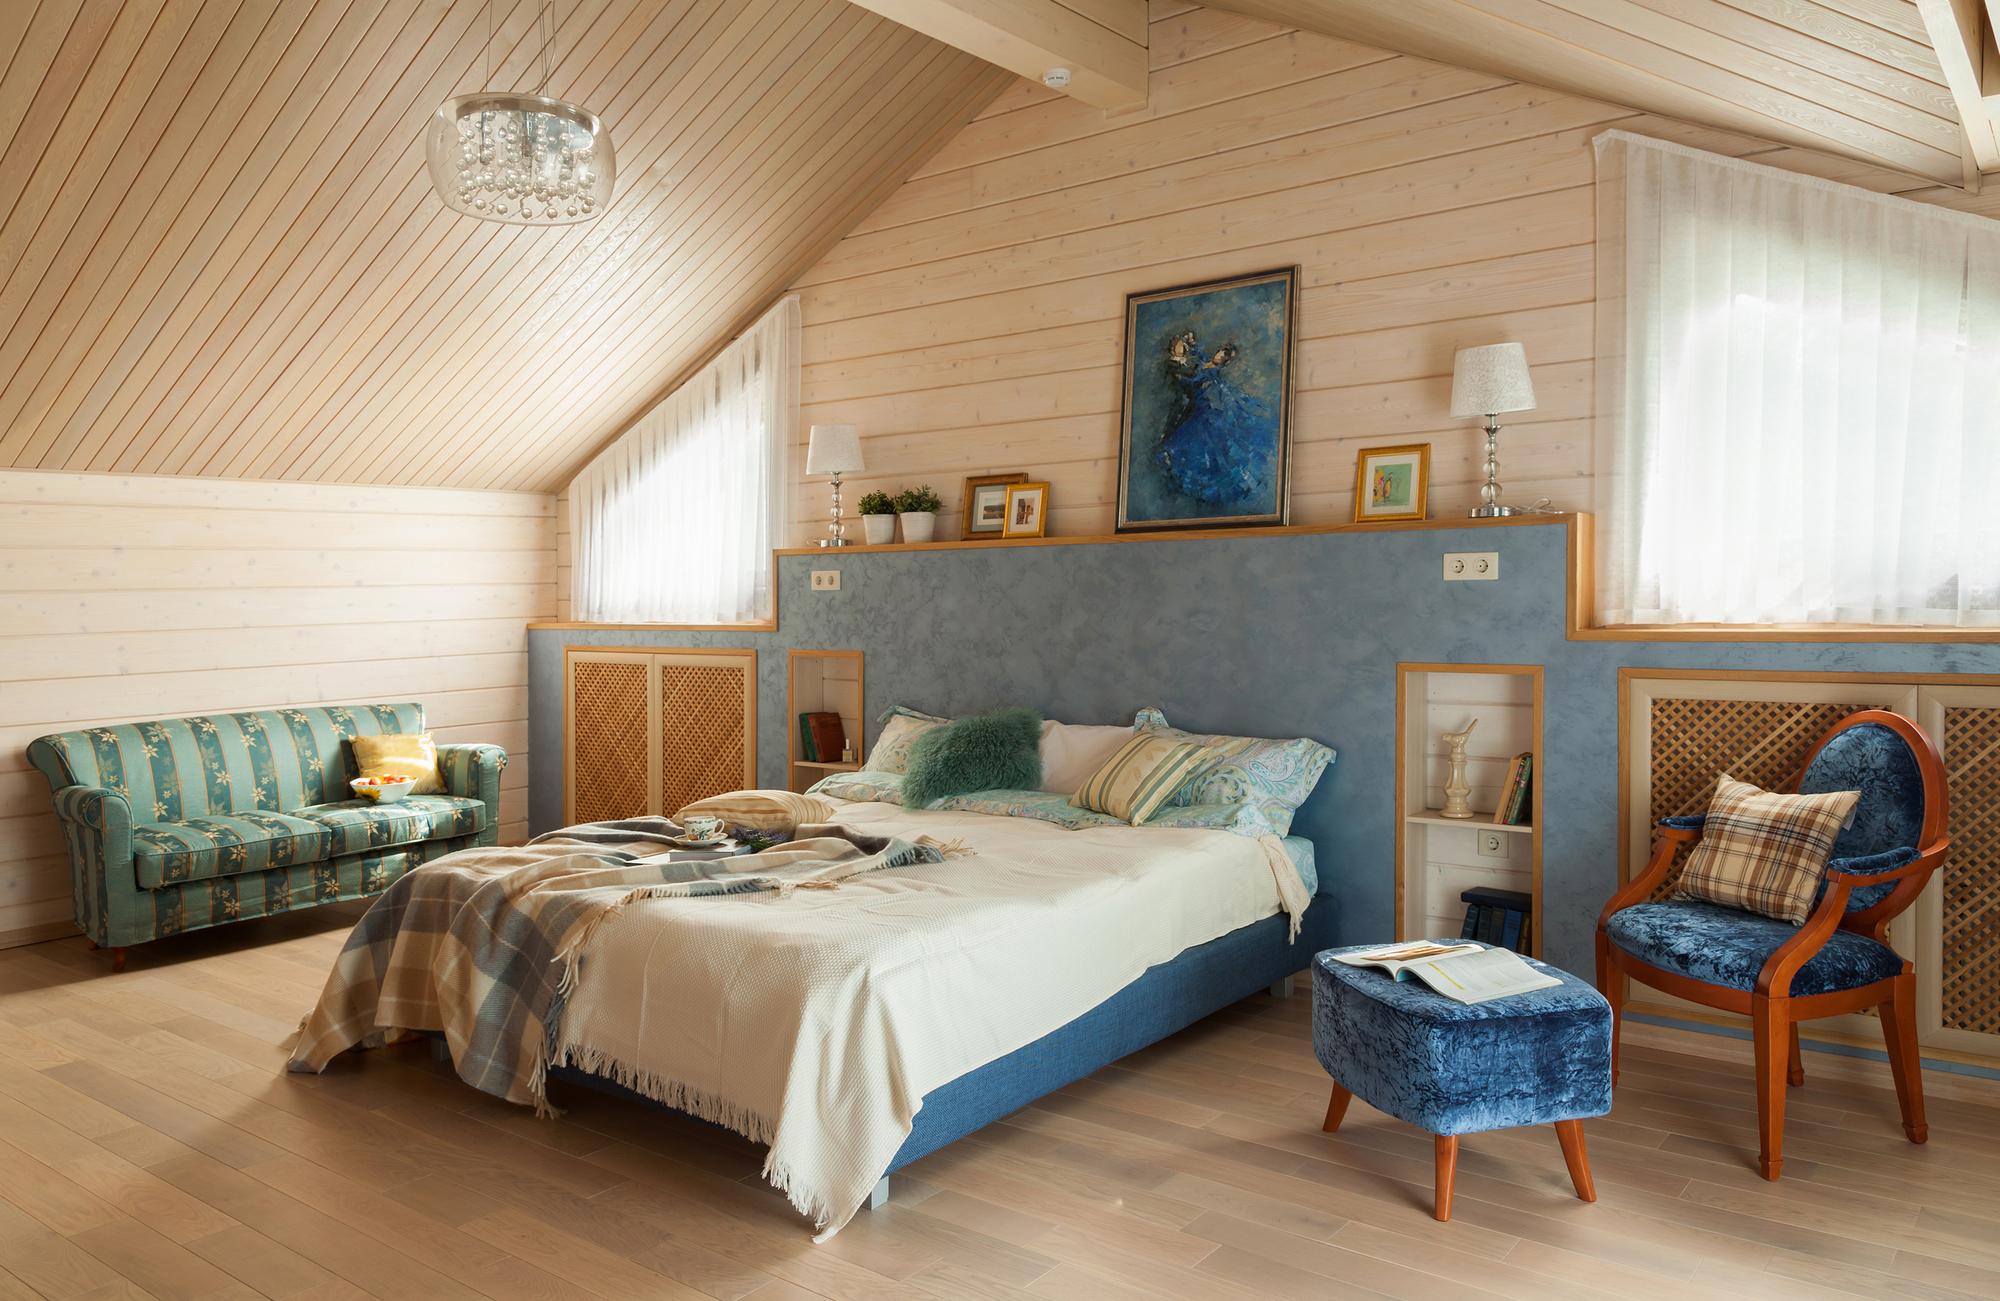 Диван в детской комнате: гид по выбору спальных и гостевых диванов (40 фото)